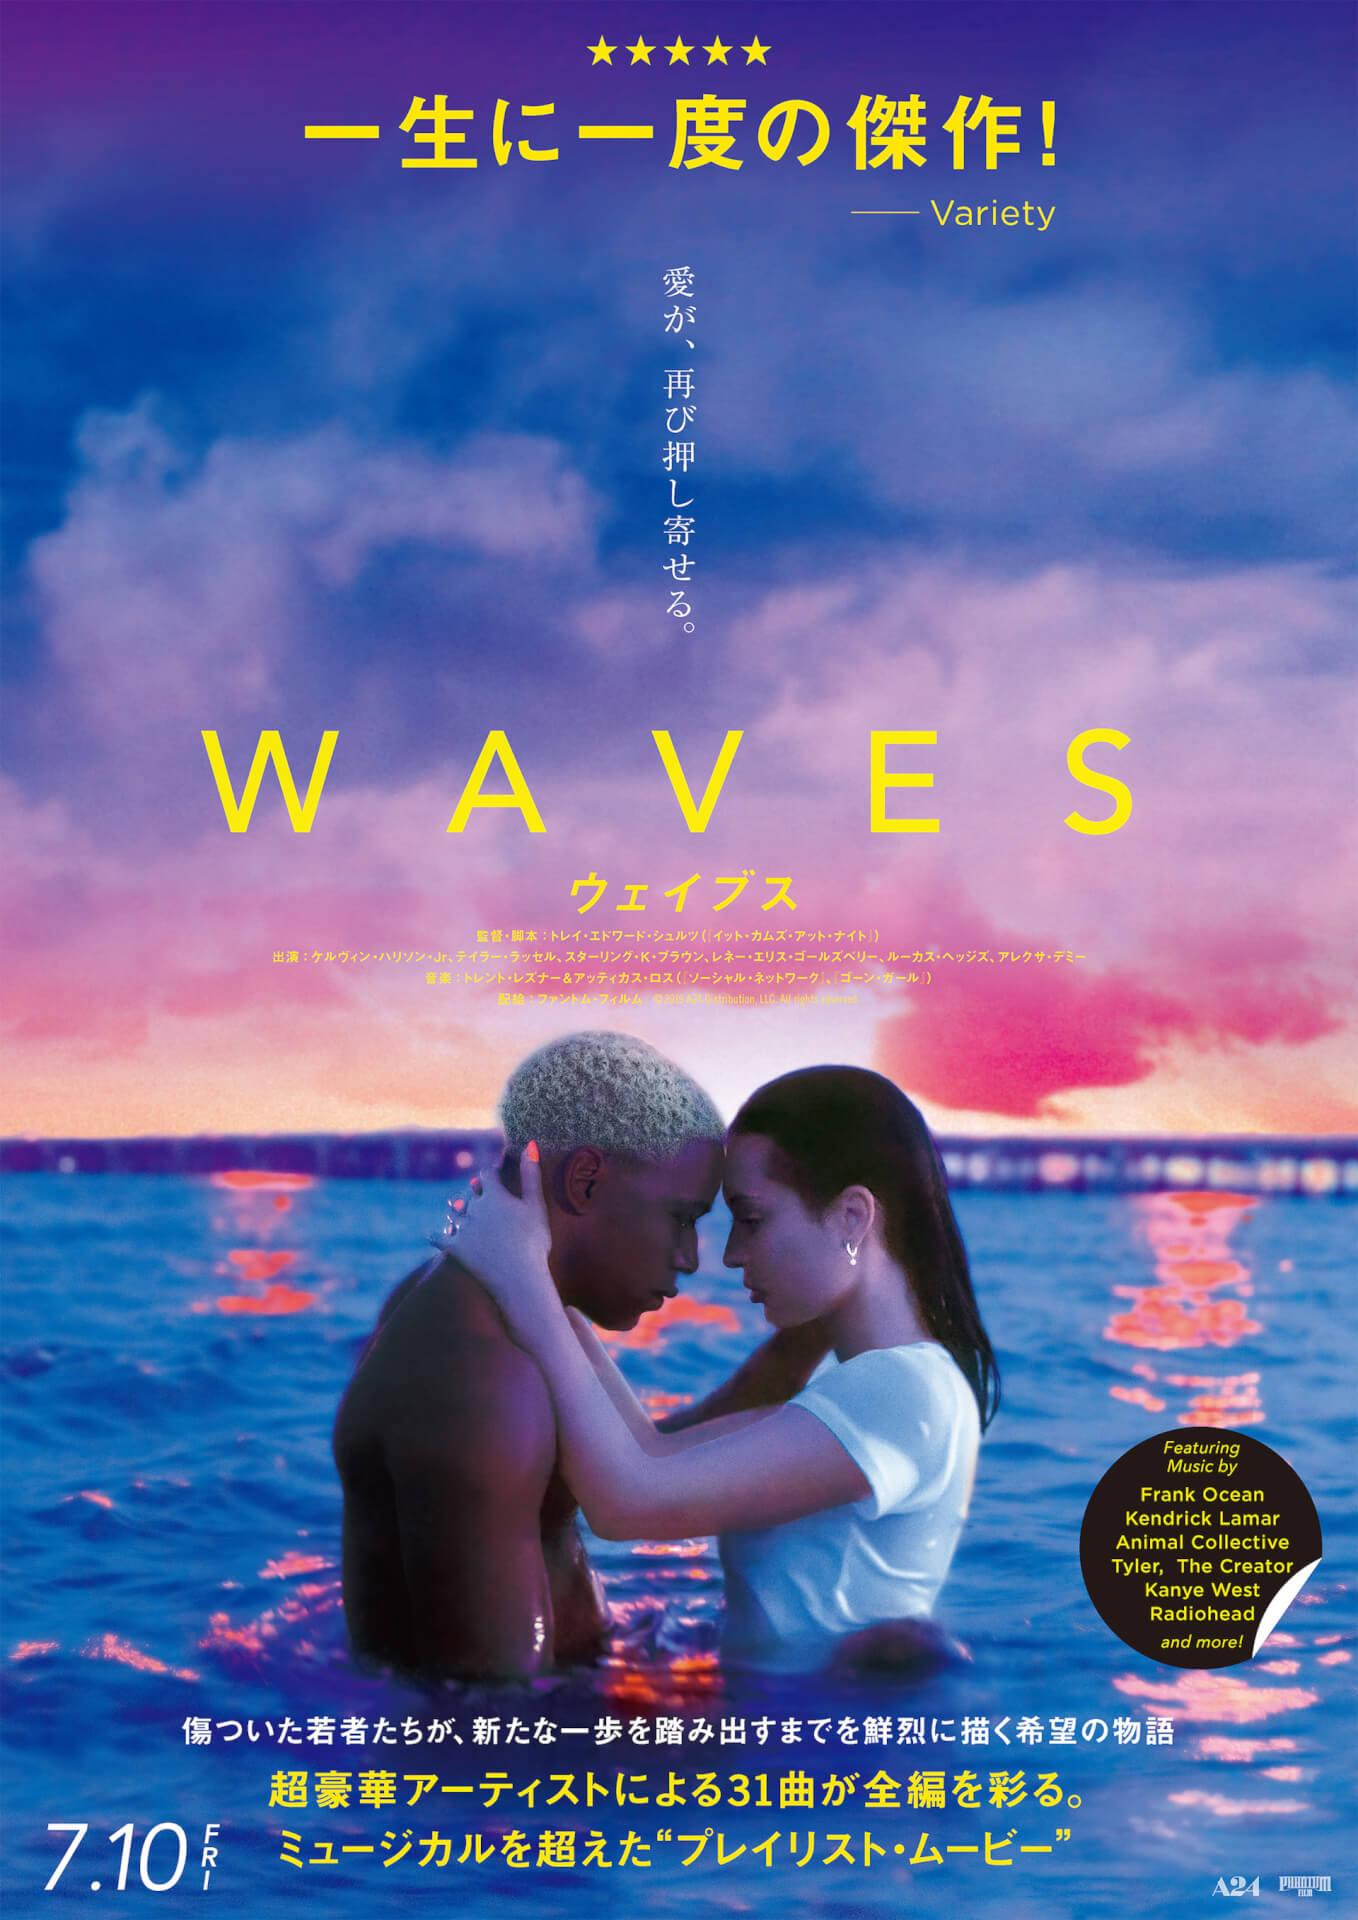 7月公開の映画で期待度が最も高いのは!?『WAVES/ウェイブス』『レイニーデイ・イン・ニューヨーク』などランクインの期待度ランキングがFilmarksで発表 film200630_movie_july_7